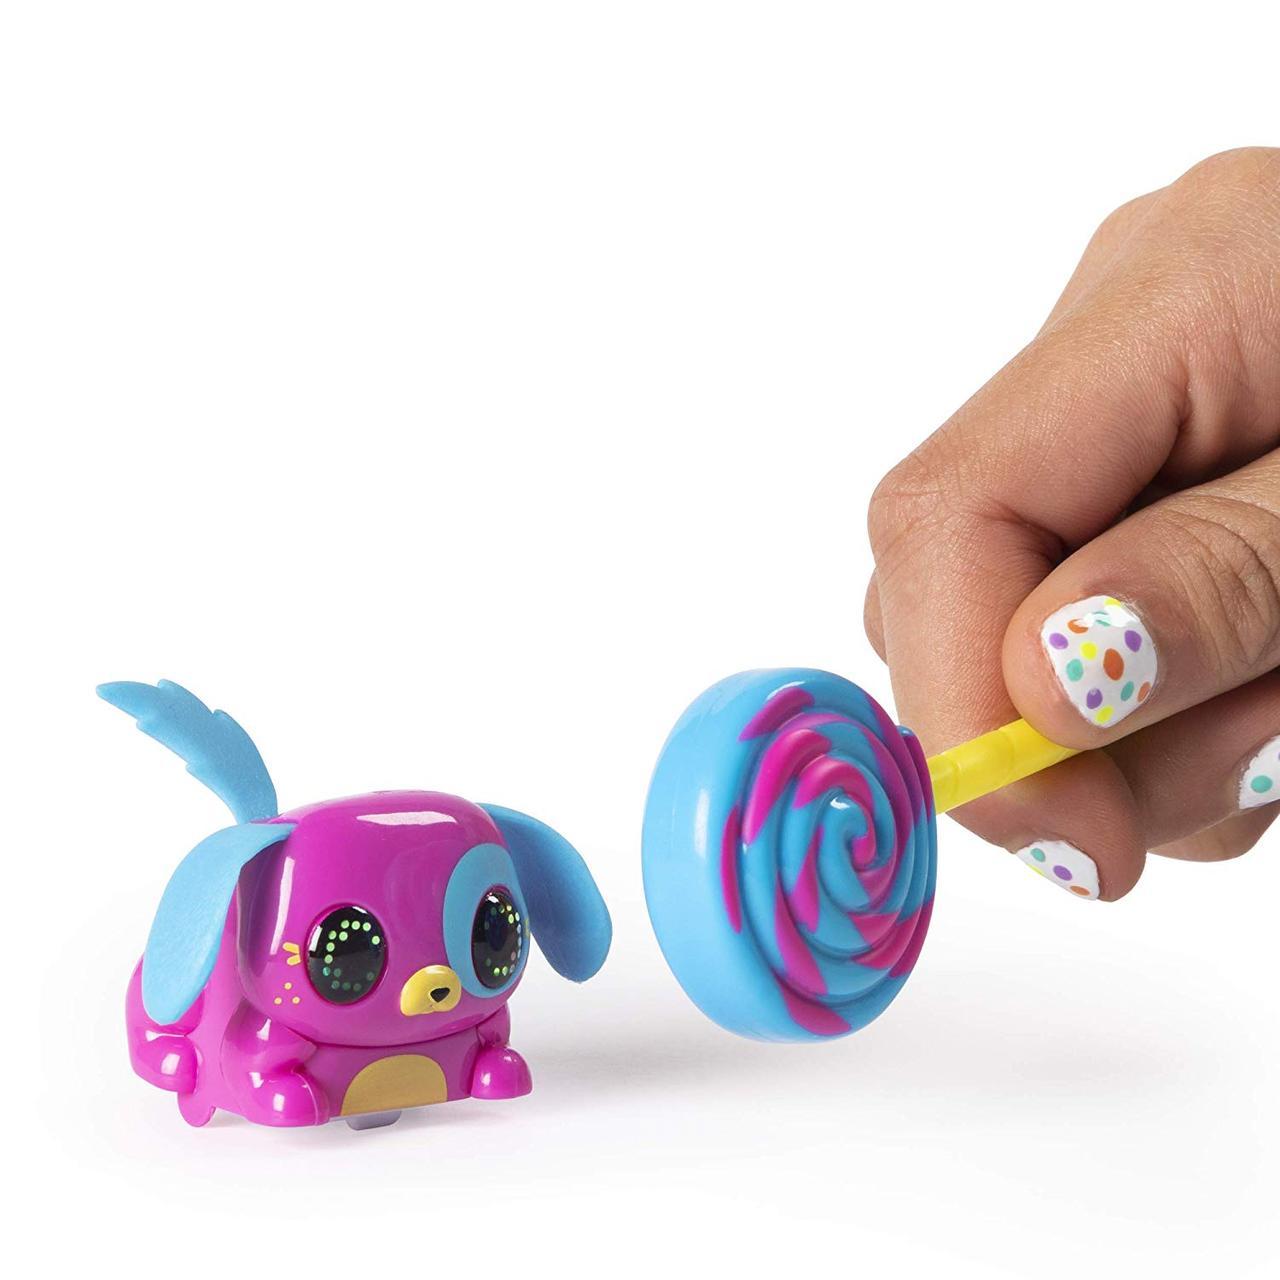 Інтерактивна іграшка-сюрприз SPIN MASTER Lollipets мініатюрний улюбленець  (SUN3818)